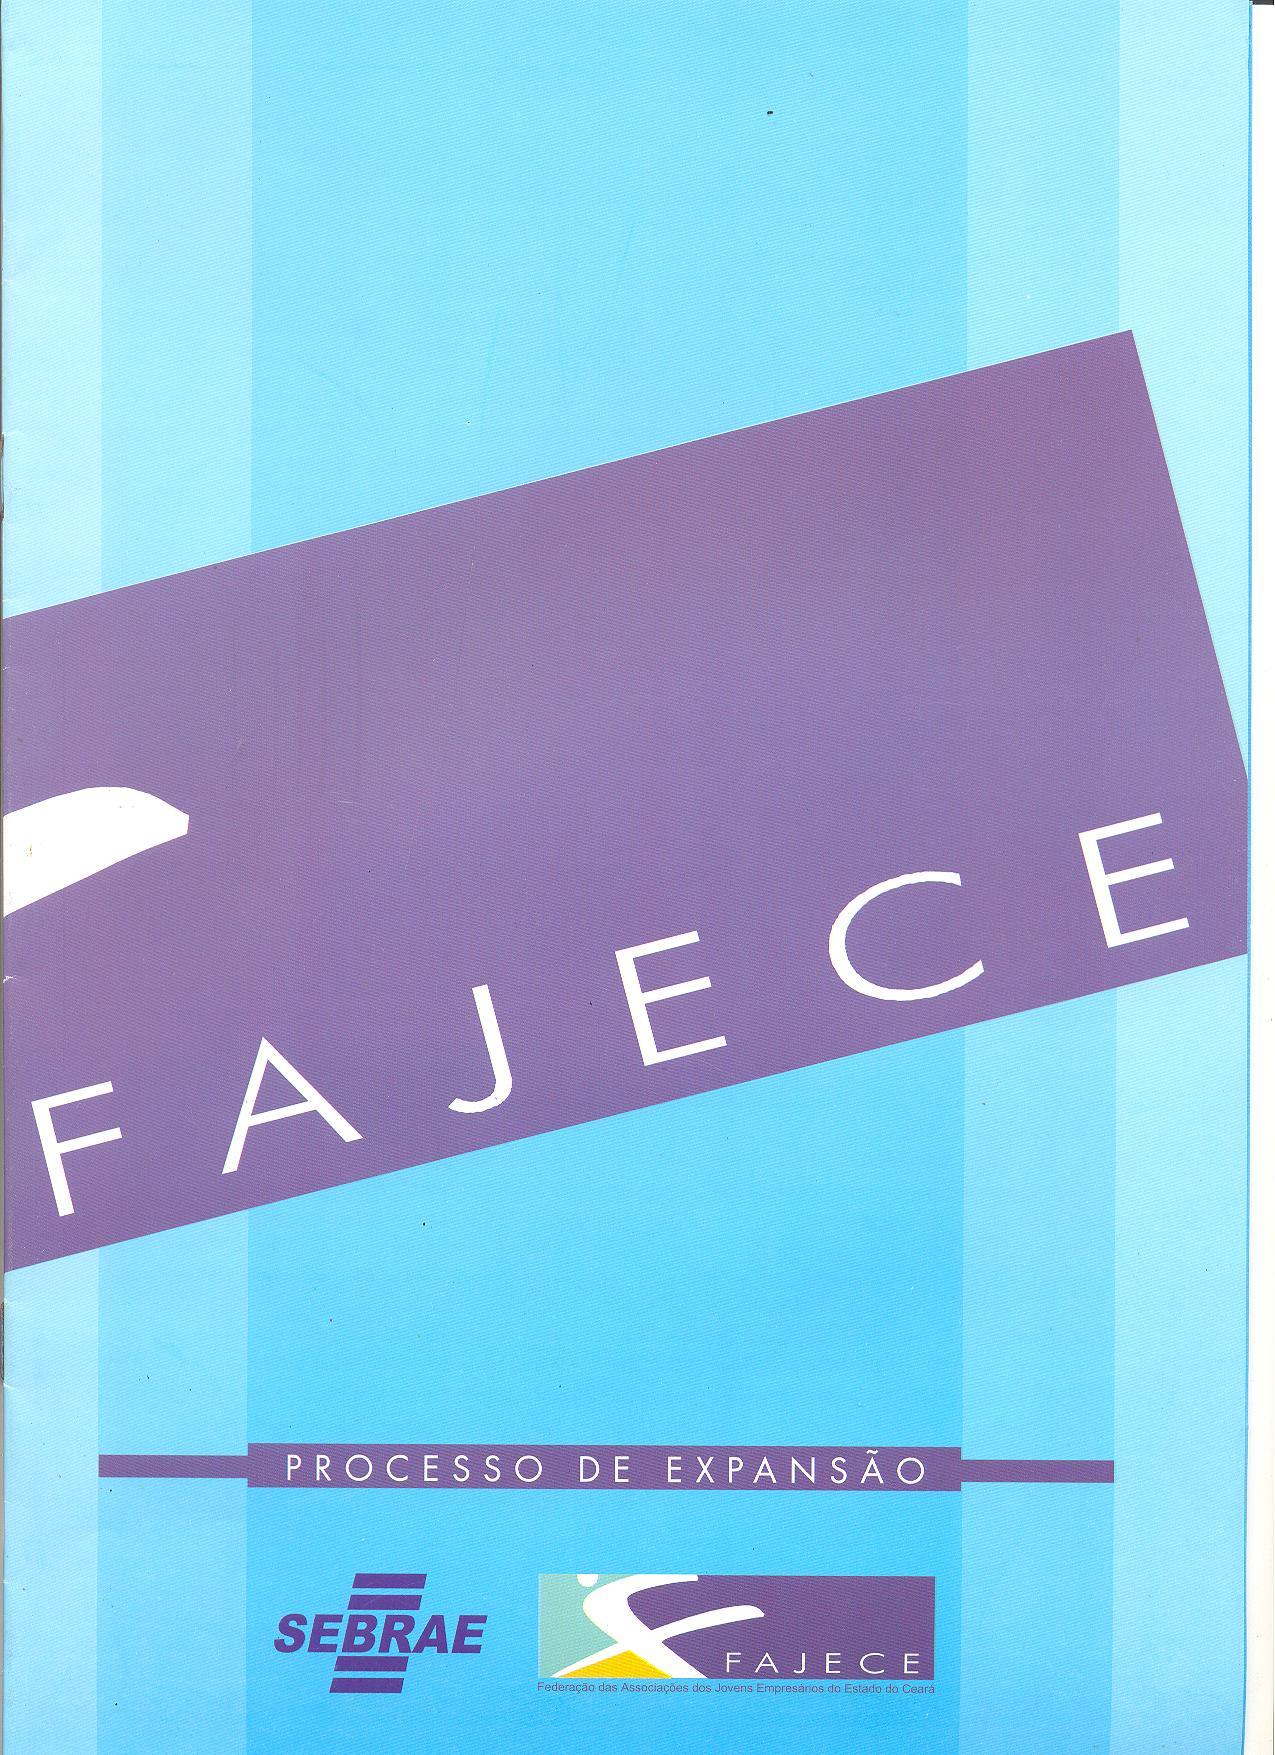 2000 FAJECE (1)